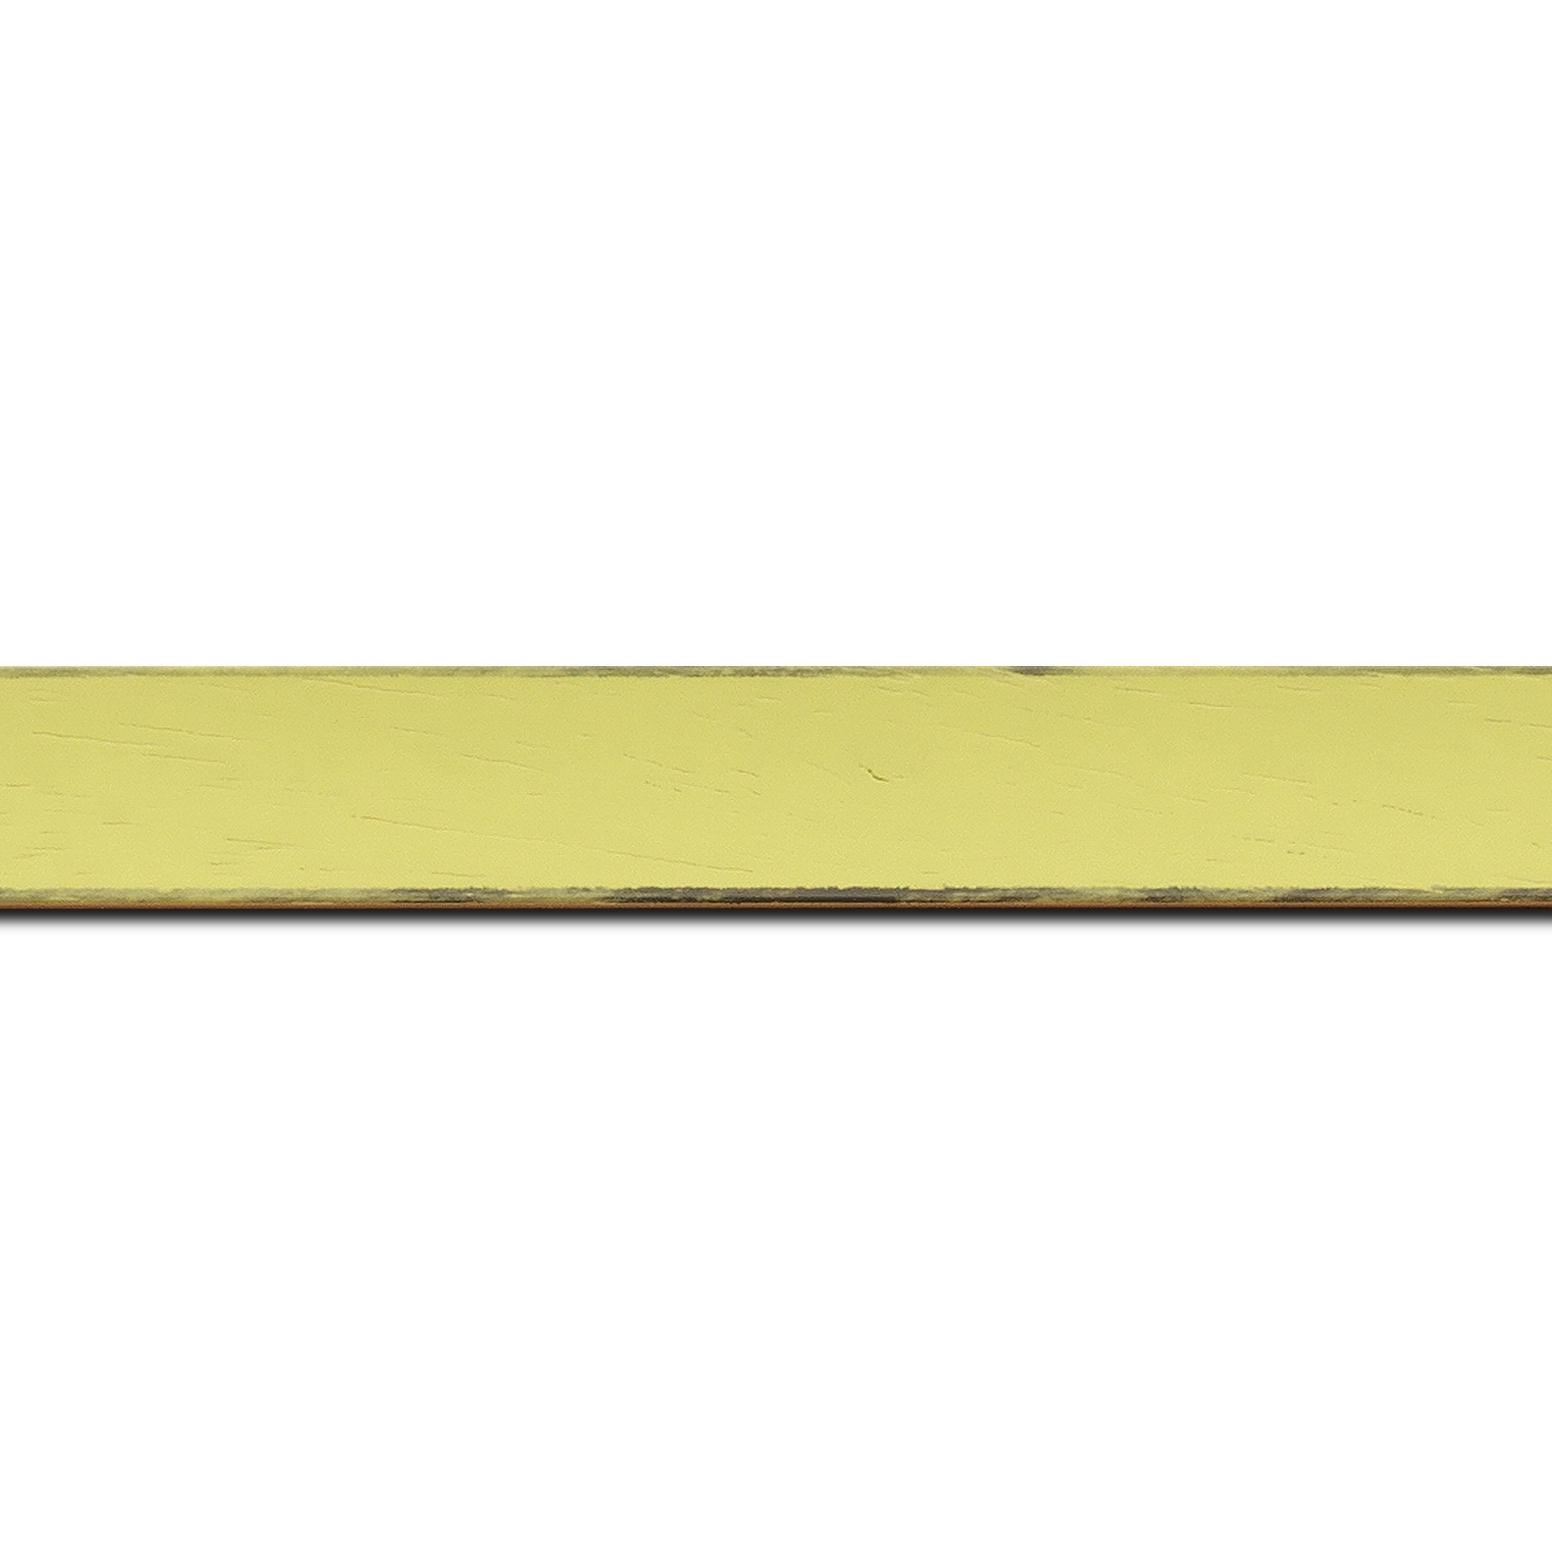 Baguette longueur 1.40m bois profil concave largeur 2.4cm couleur vert acidulé satiné arêtes essuyés noircies de chaque coté